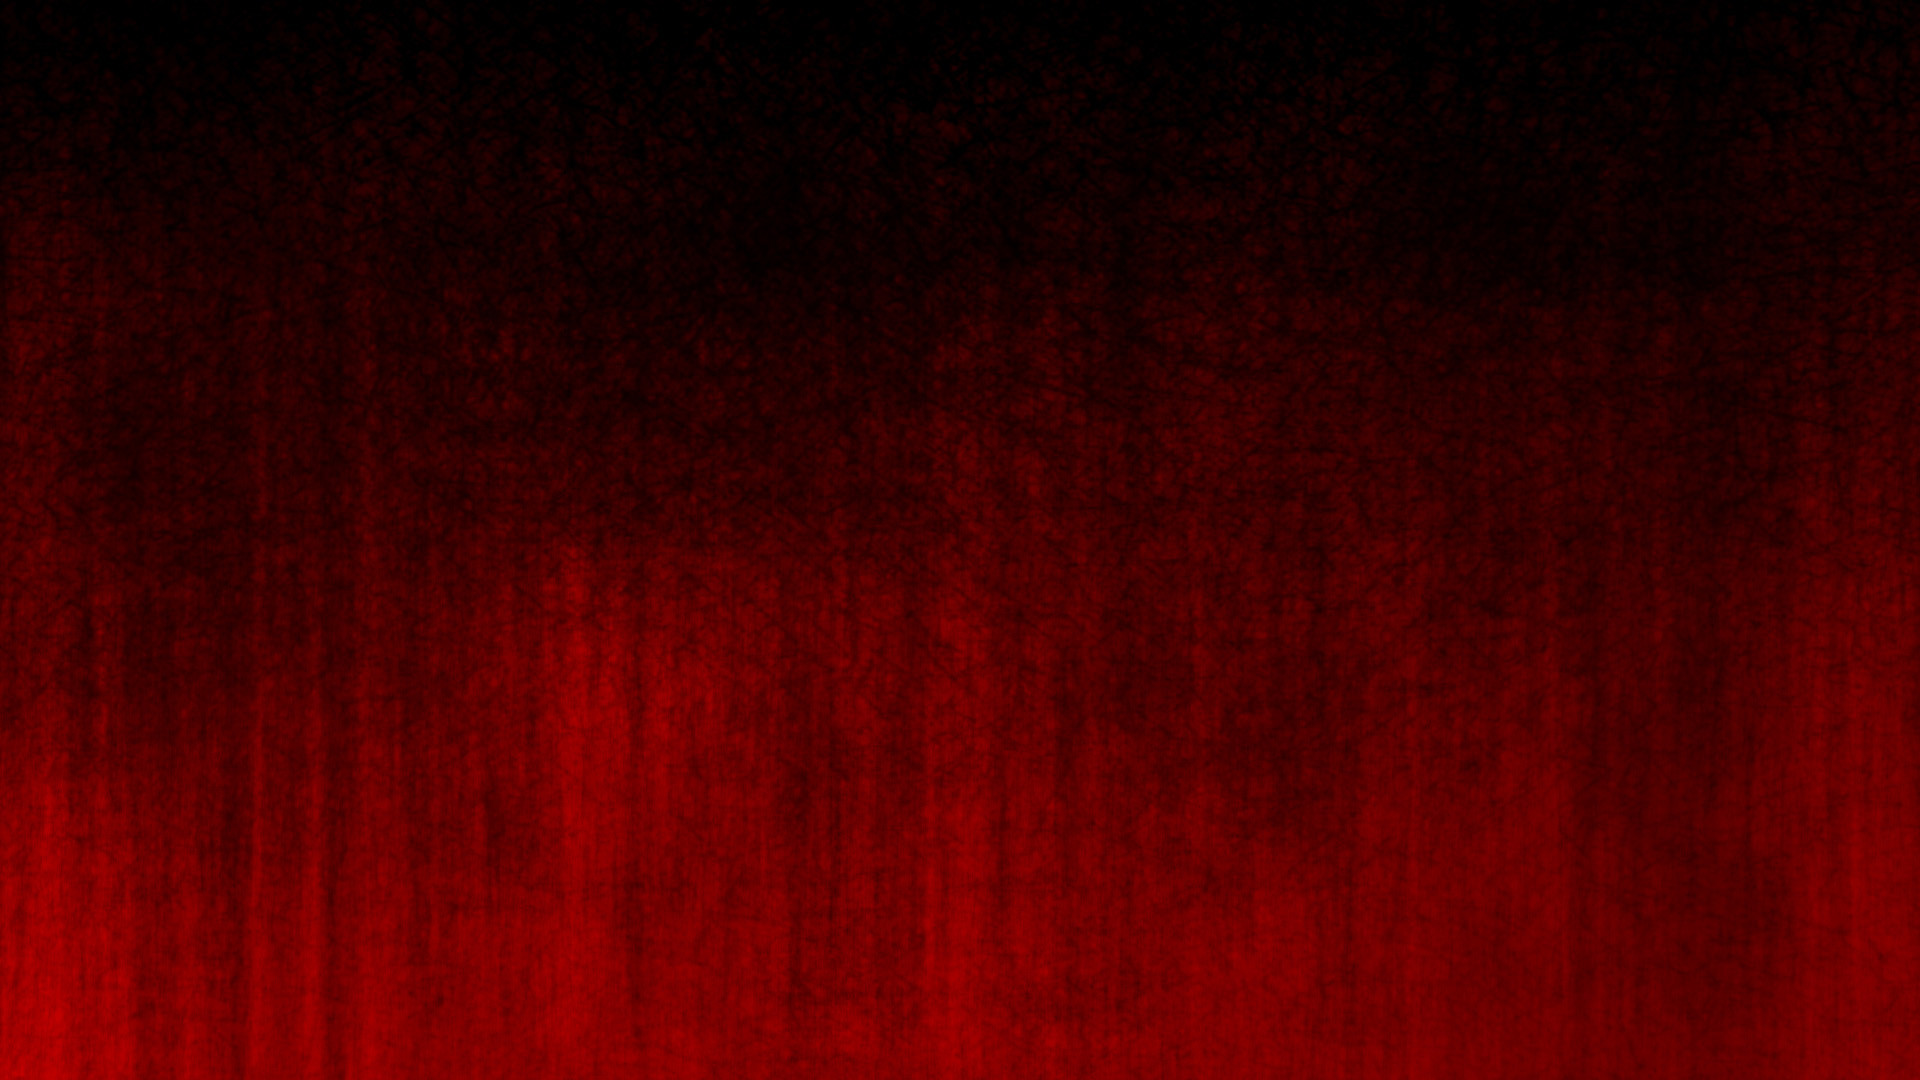 Black-Red-Grunge-Texture